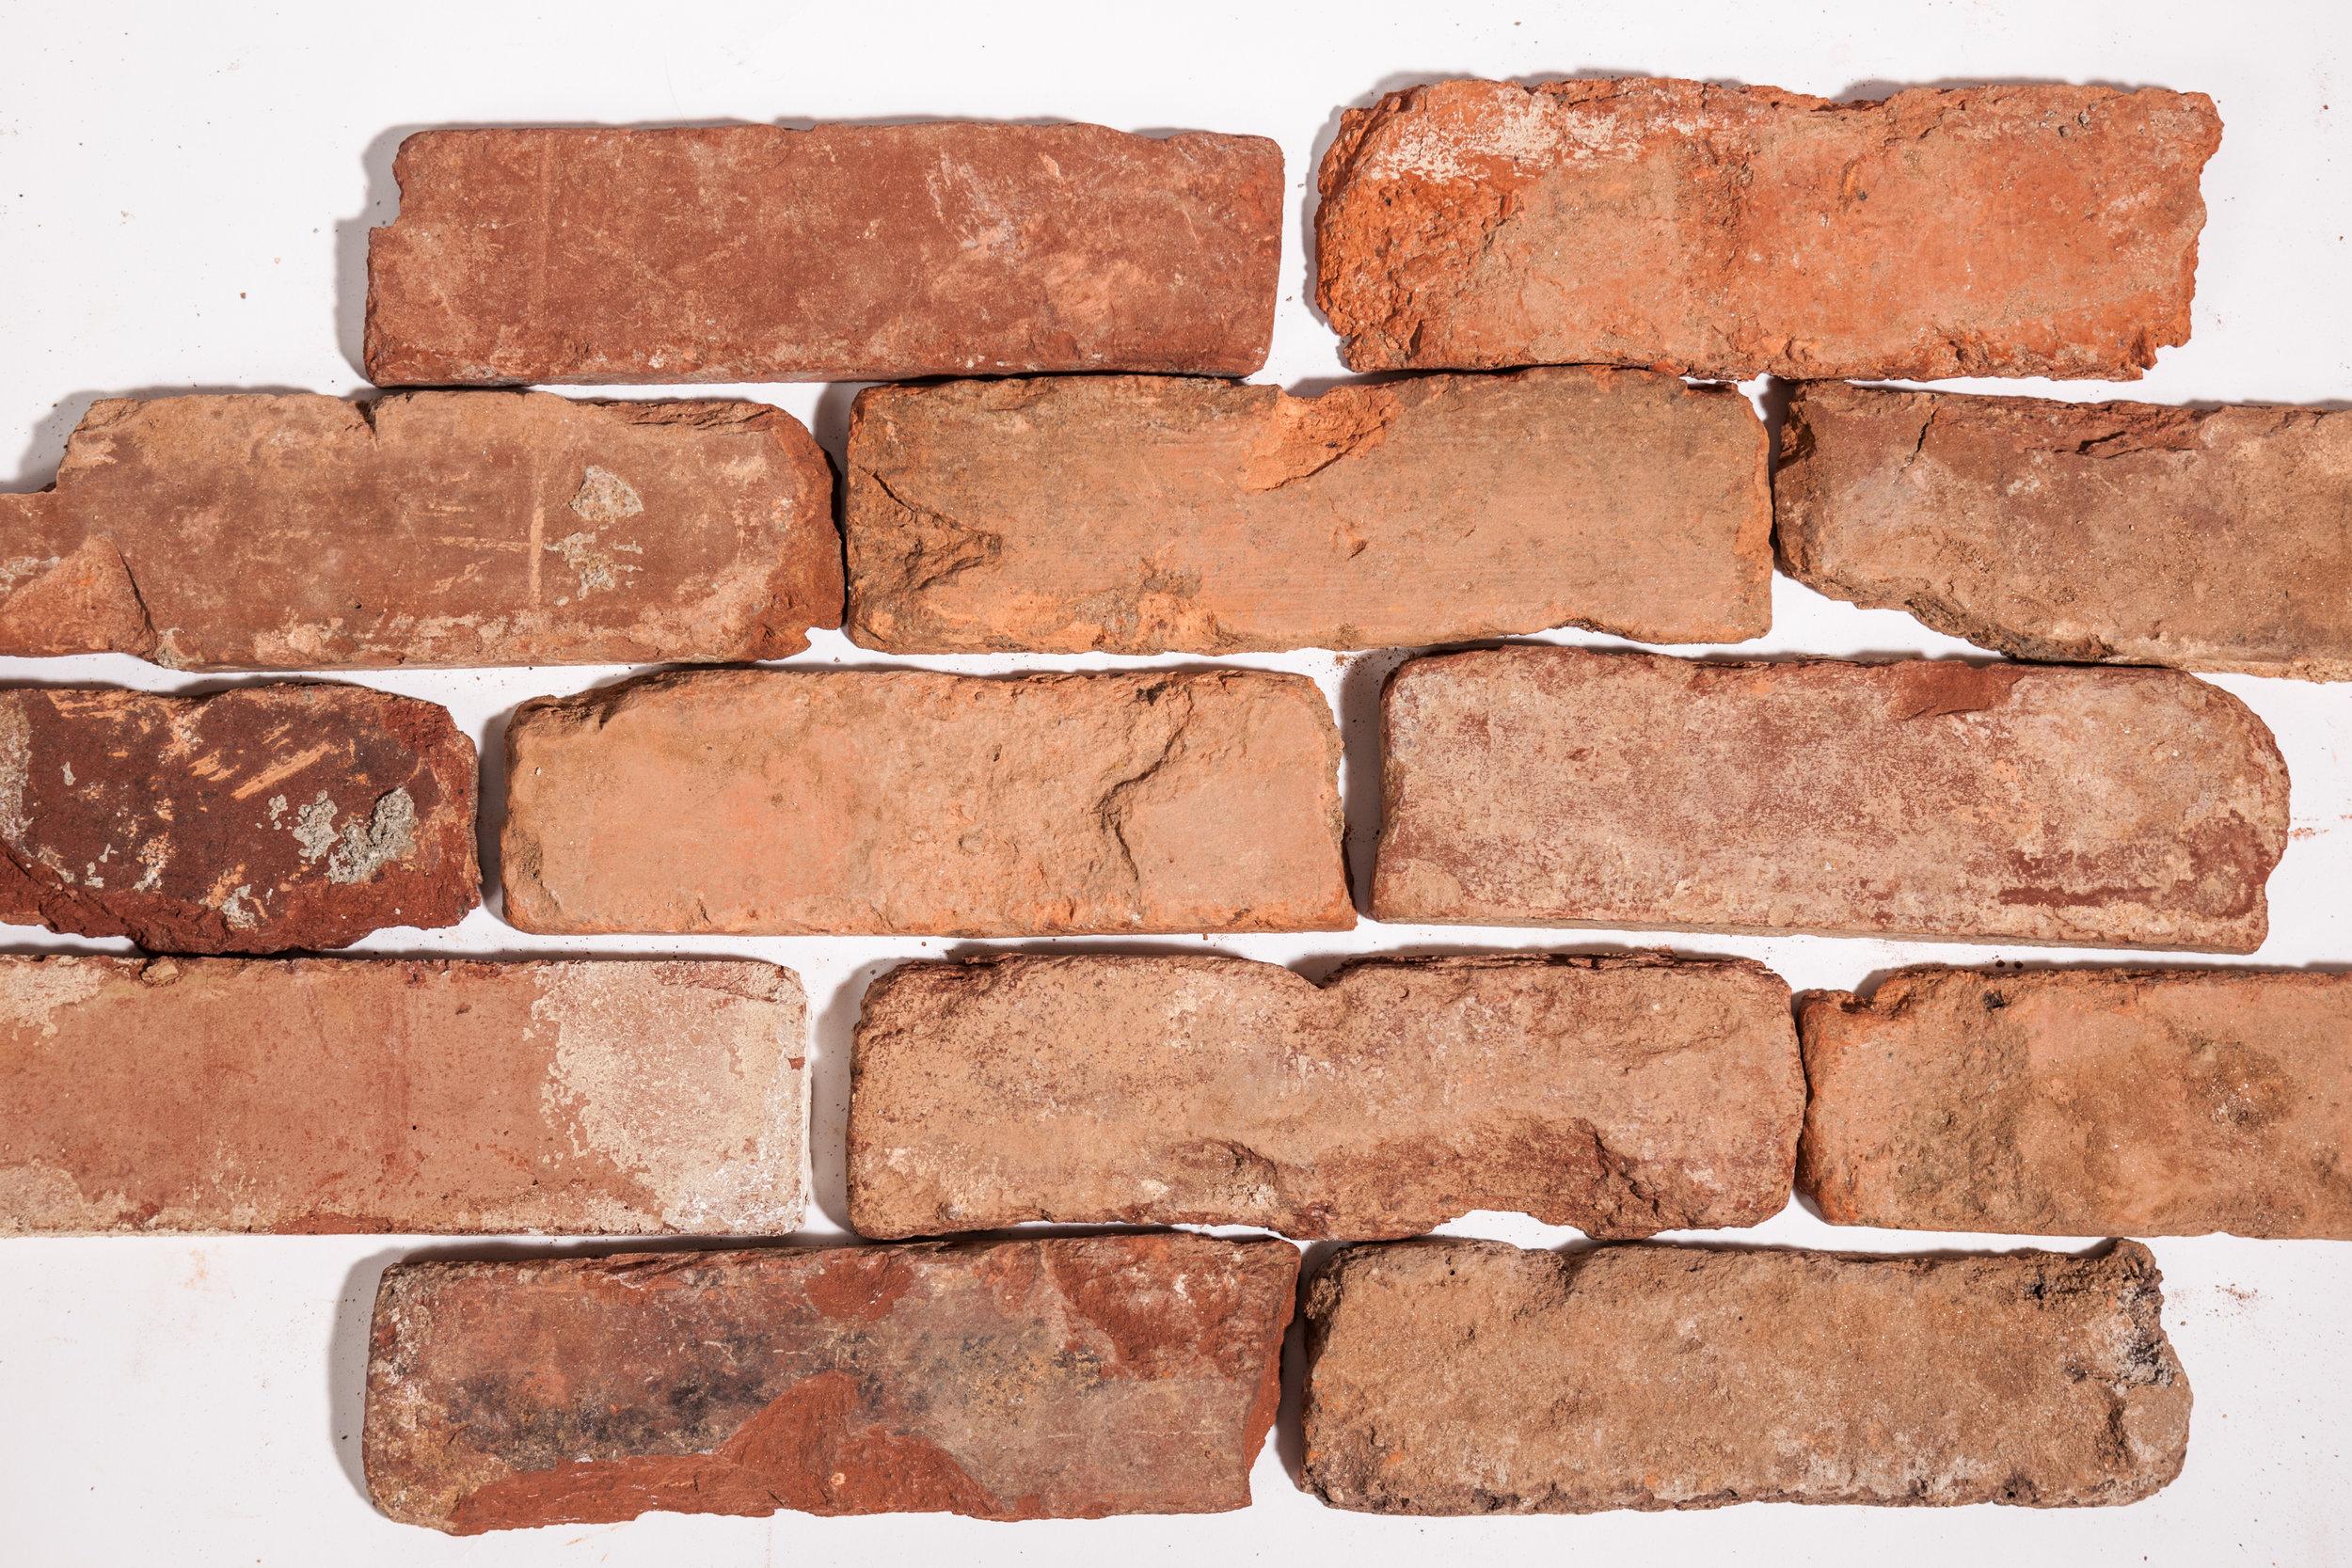 SouthernDemo_Bricks_025.jpg